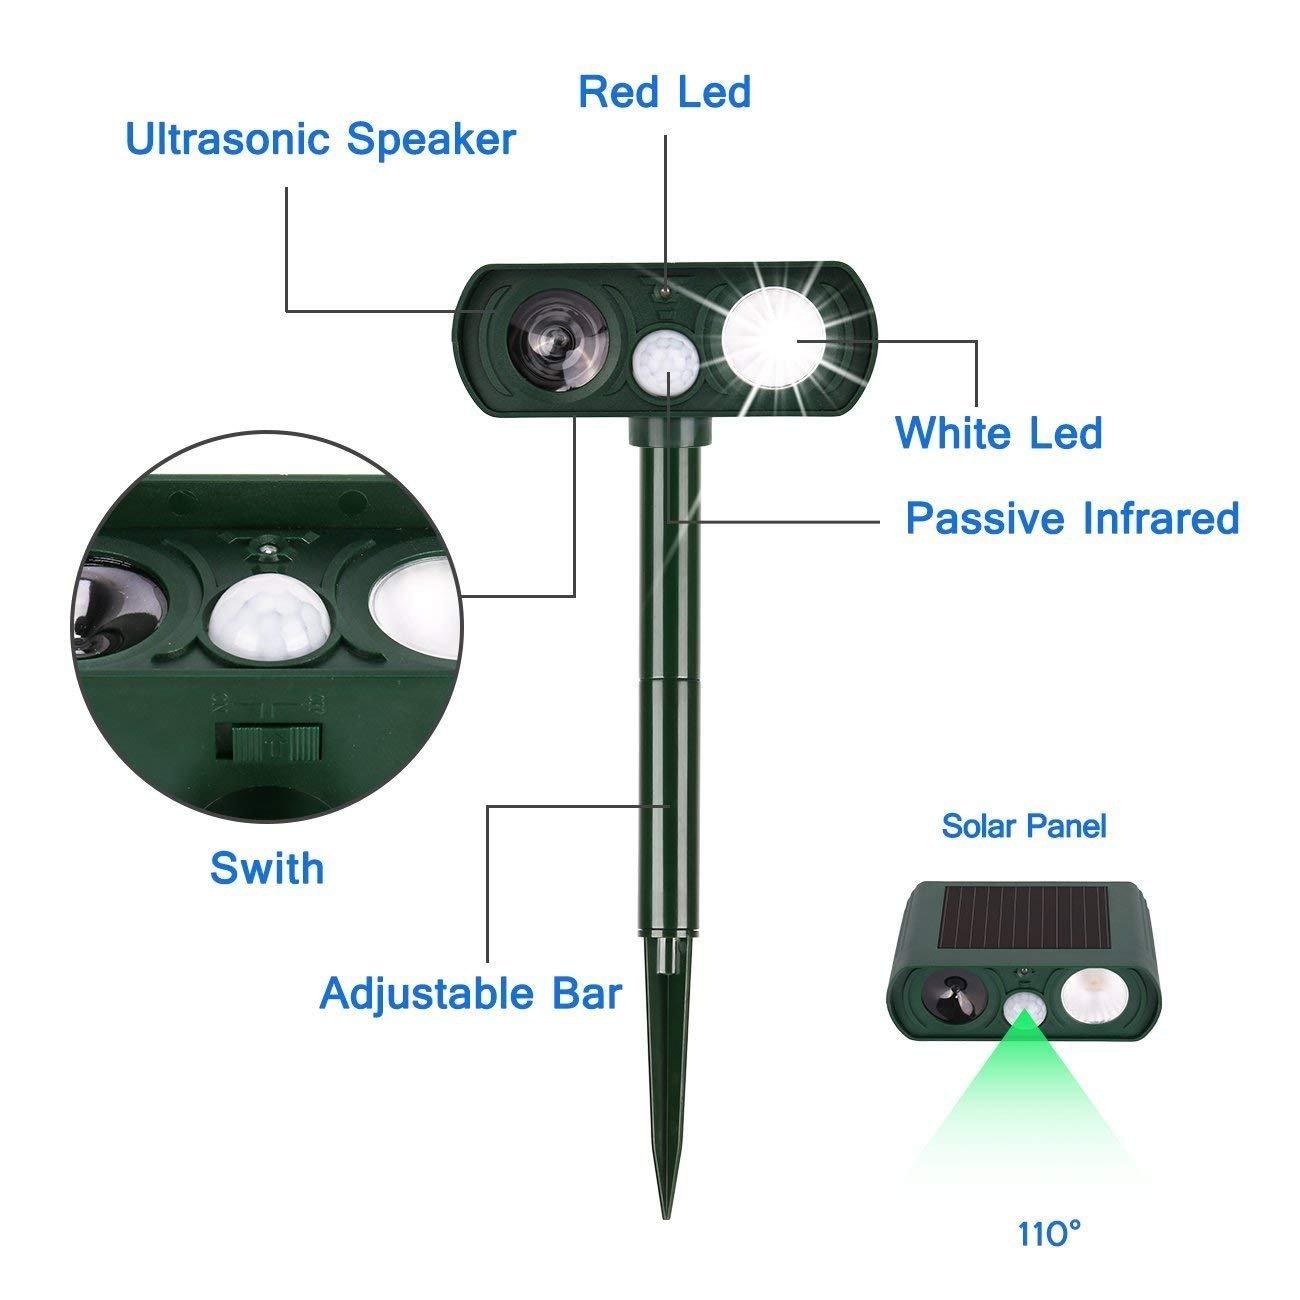 UOKOO Dog Repellent, Outdoor Solar Powered and Weatherproof Ultrasonic Dog/Cat/Mosquito Repeller JOKOO